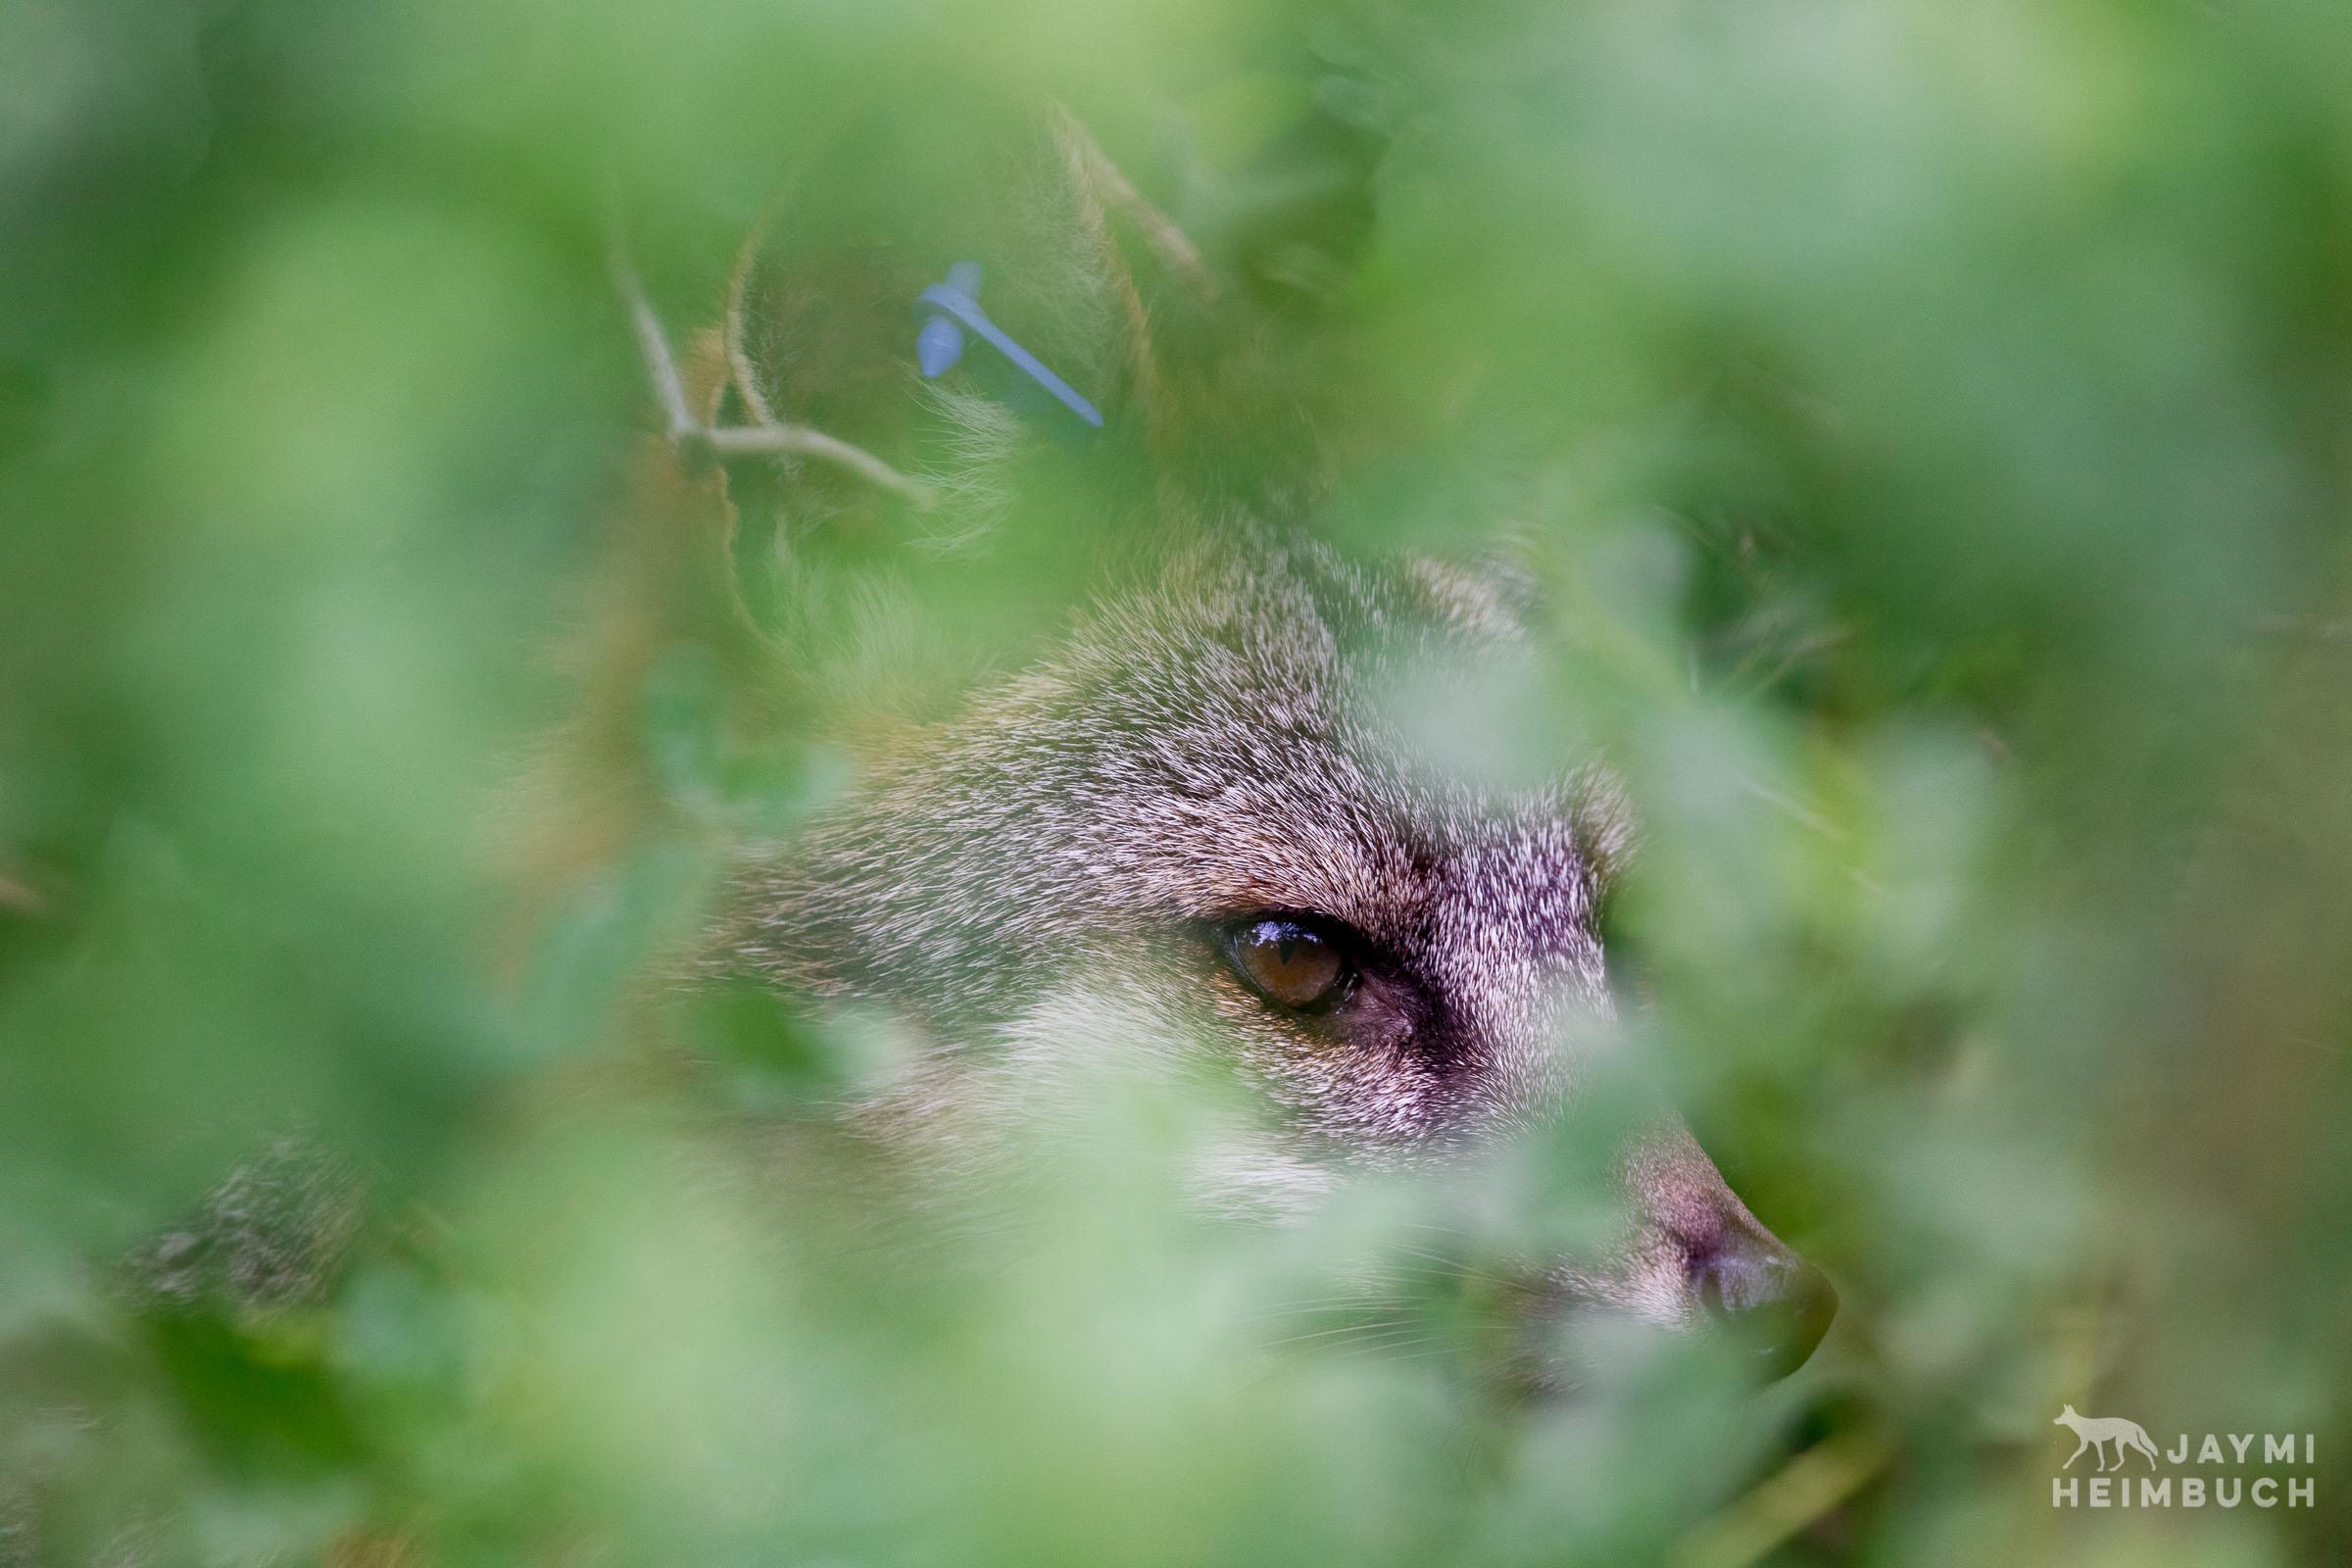 Gray fox (Urocyon cinereoargenteus) male hiding in green brush, Palo Alto, California